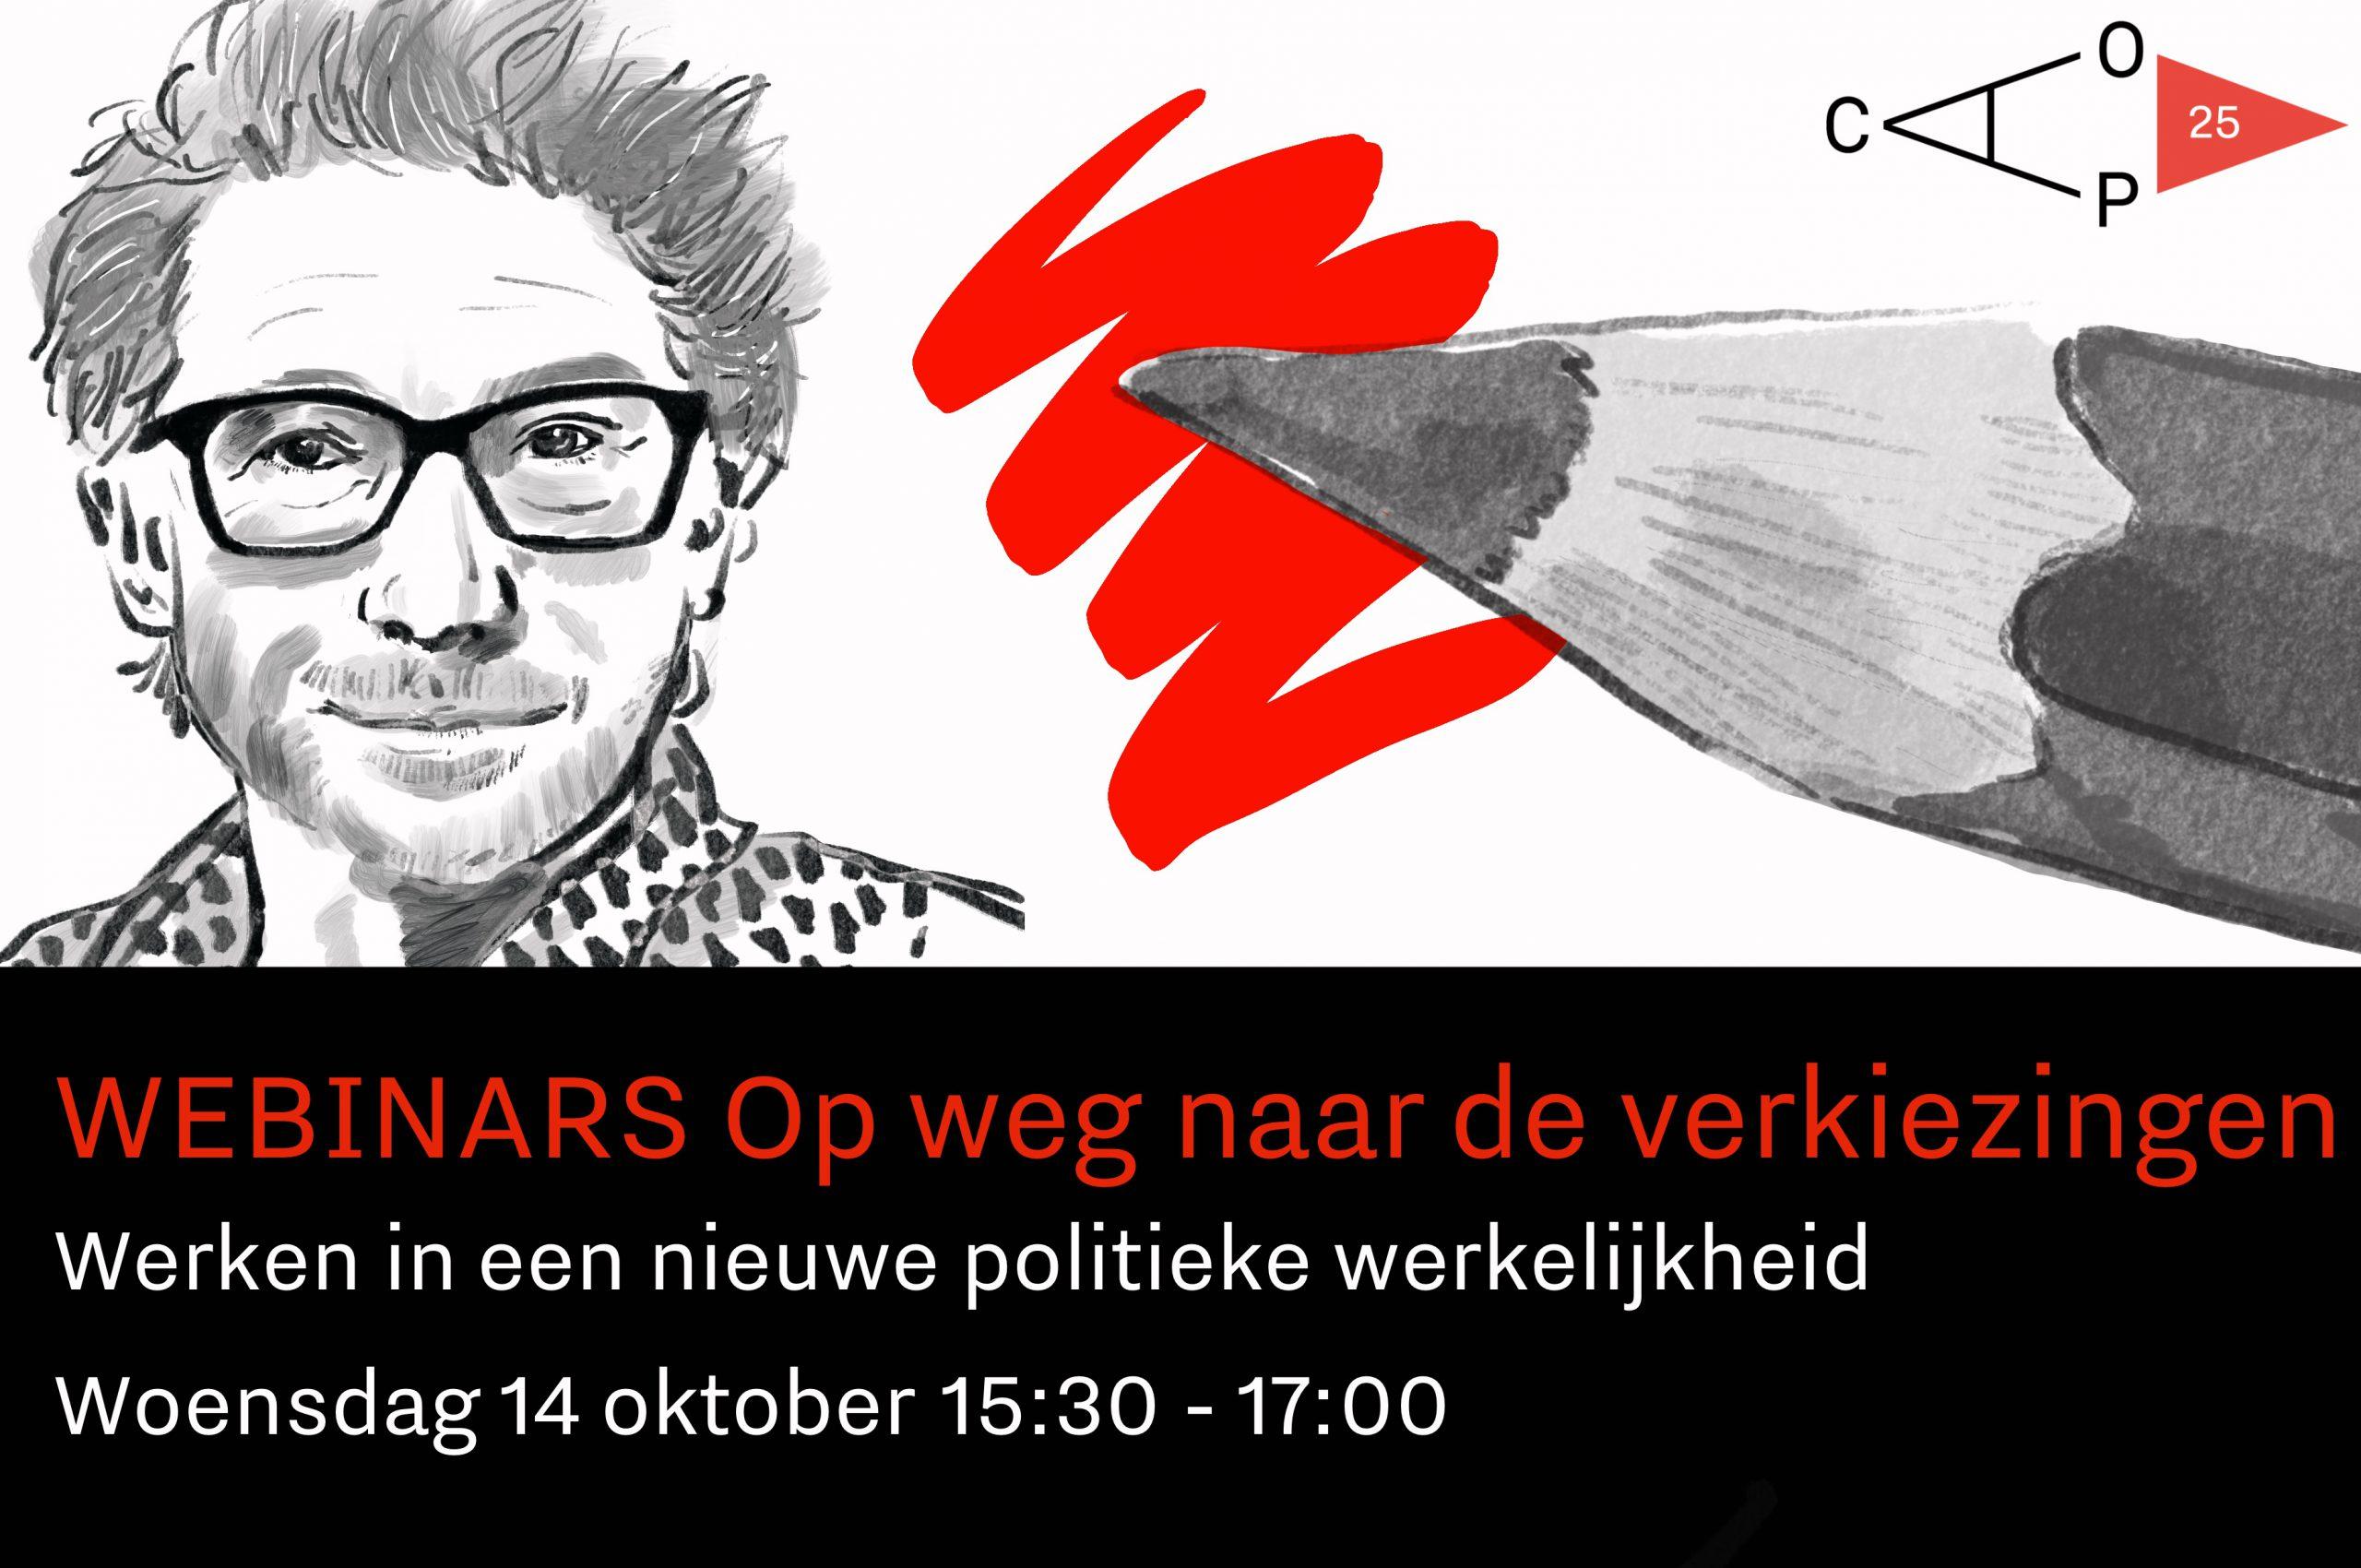 Frénk van der Linden is de presentator van de webinarreeks Op weg naar de verkiezingen: werken in een nieuwe politieke werkelijkheid